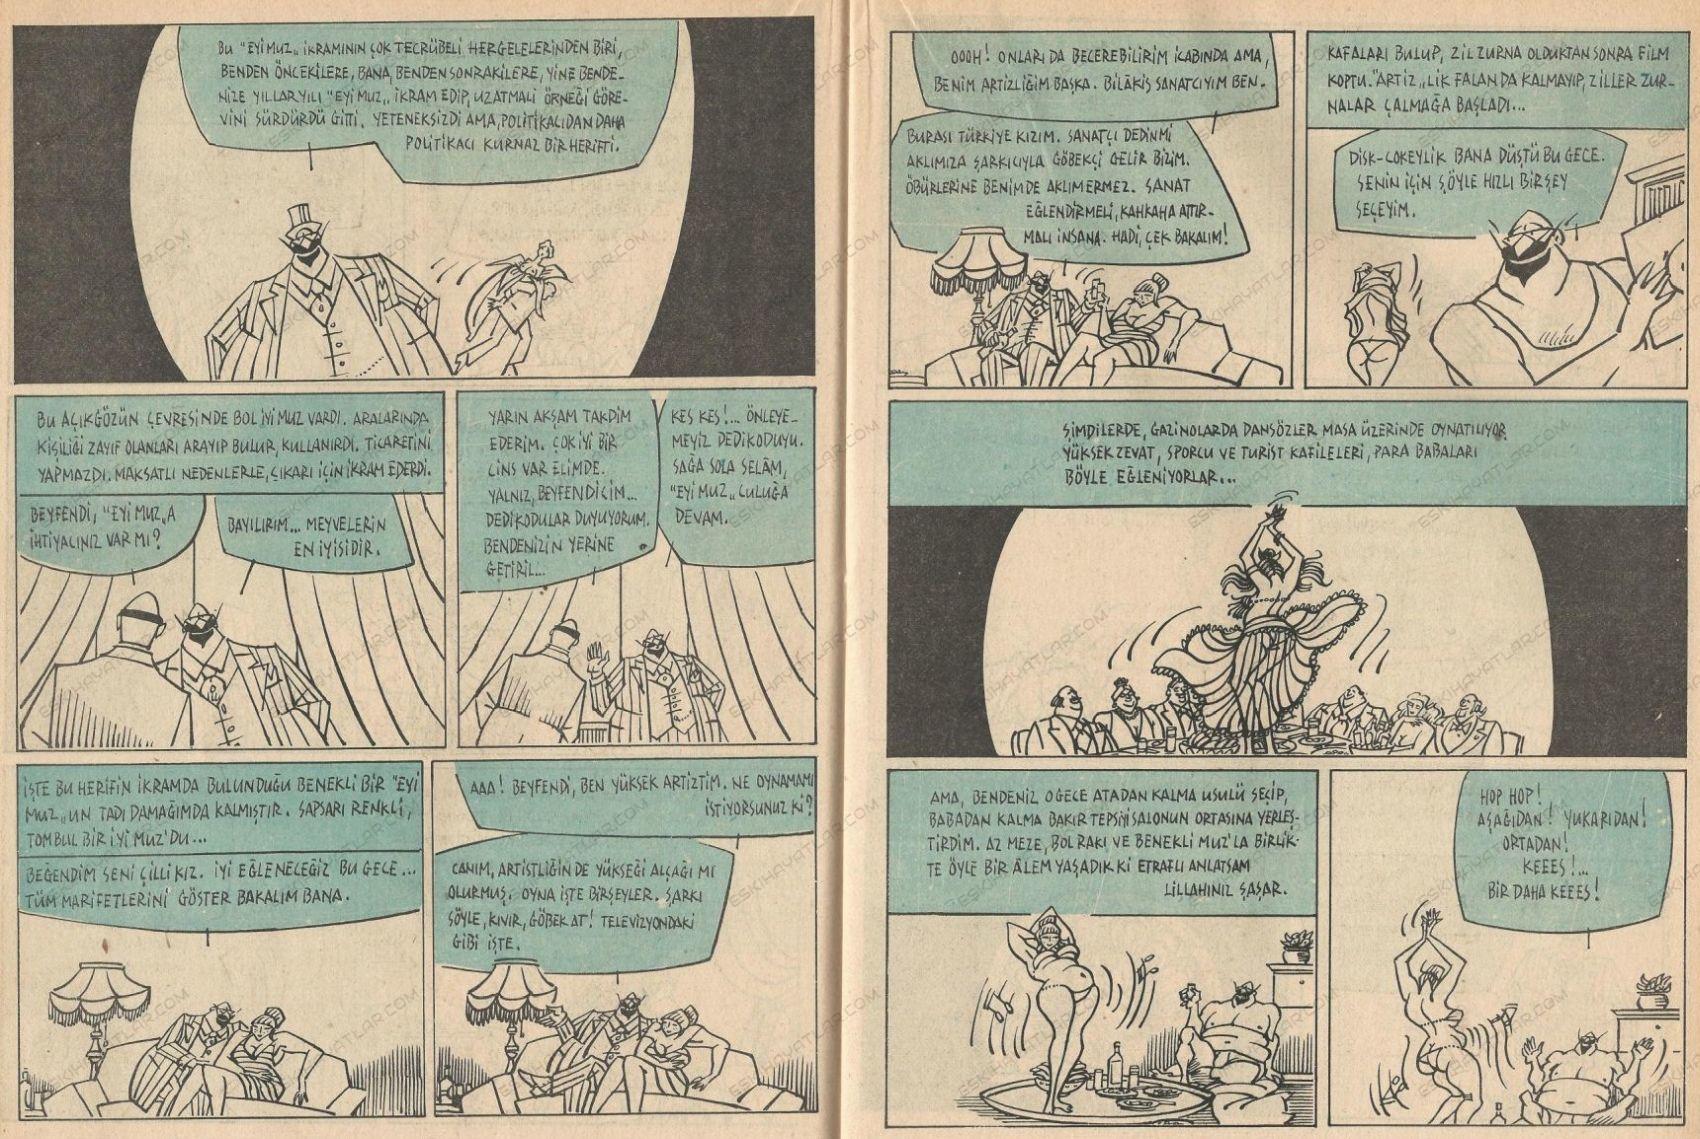 0177-abdulcanbaz-kadin-nedir-senin-adin-turhan-selcuk-milliyet-yayinlari (14)